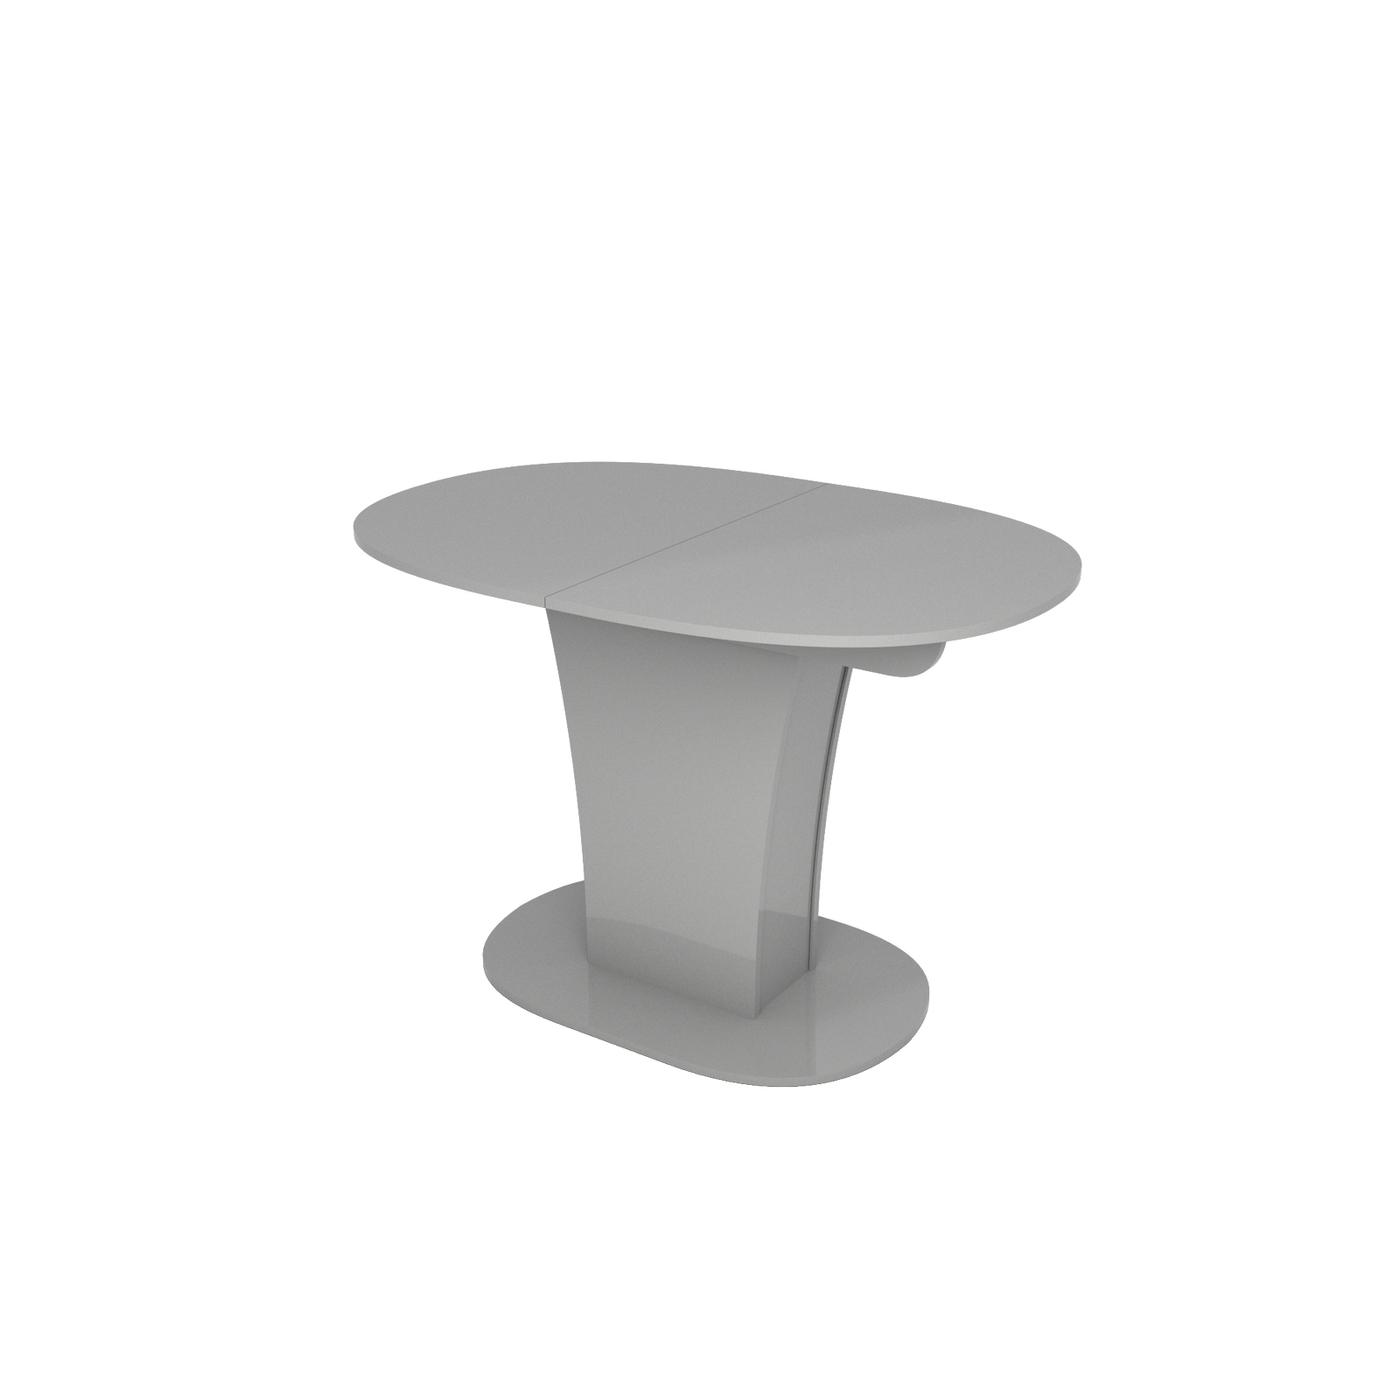 Стол обеденный Раздвижной TURIN, 110х80х75 см